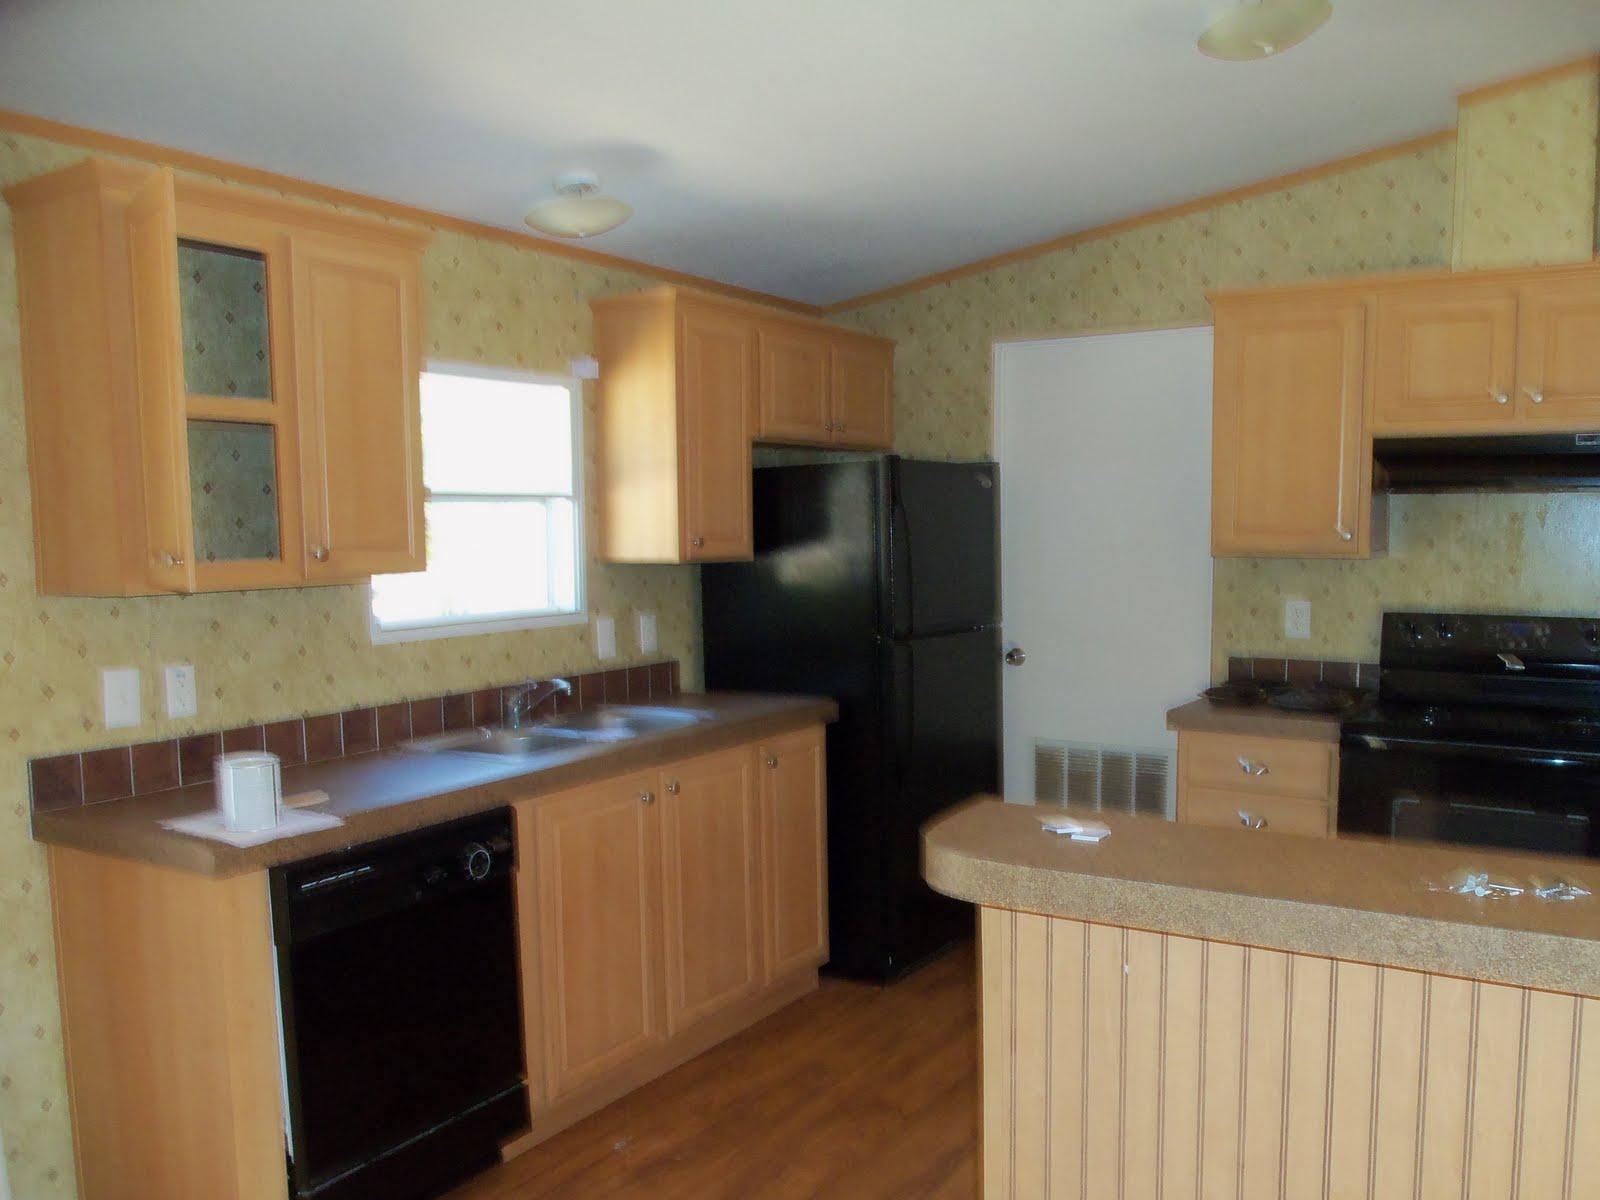 Mobile home makeover original interior pics for Painting a mobile home interior